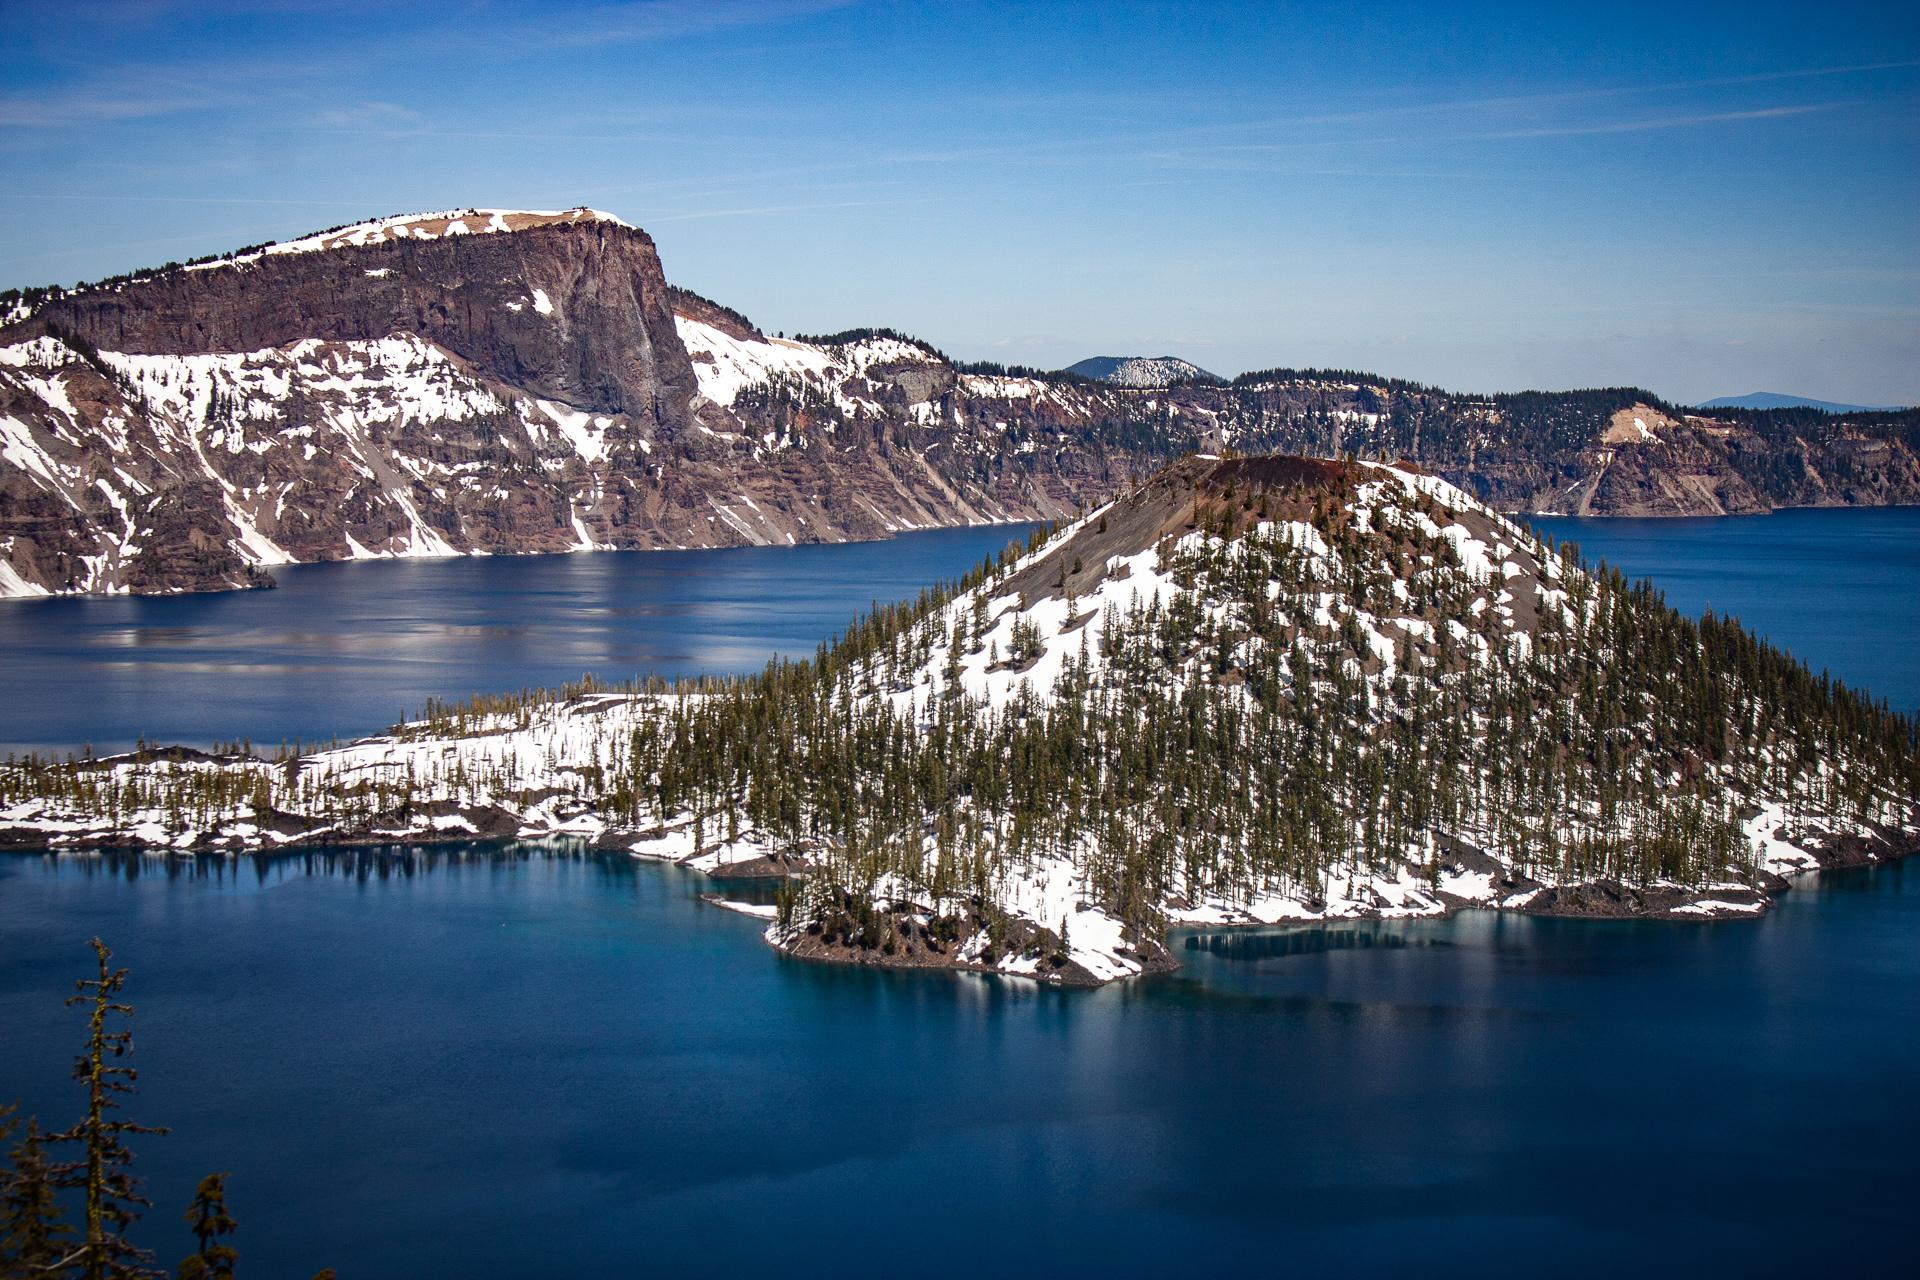 jezioro w kraterze wulkanu, Park narodowy Crater Lake